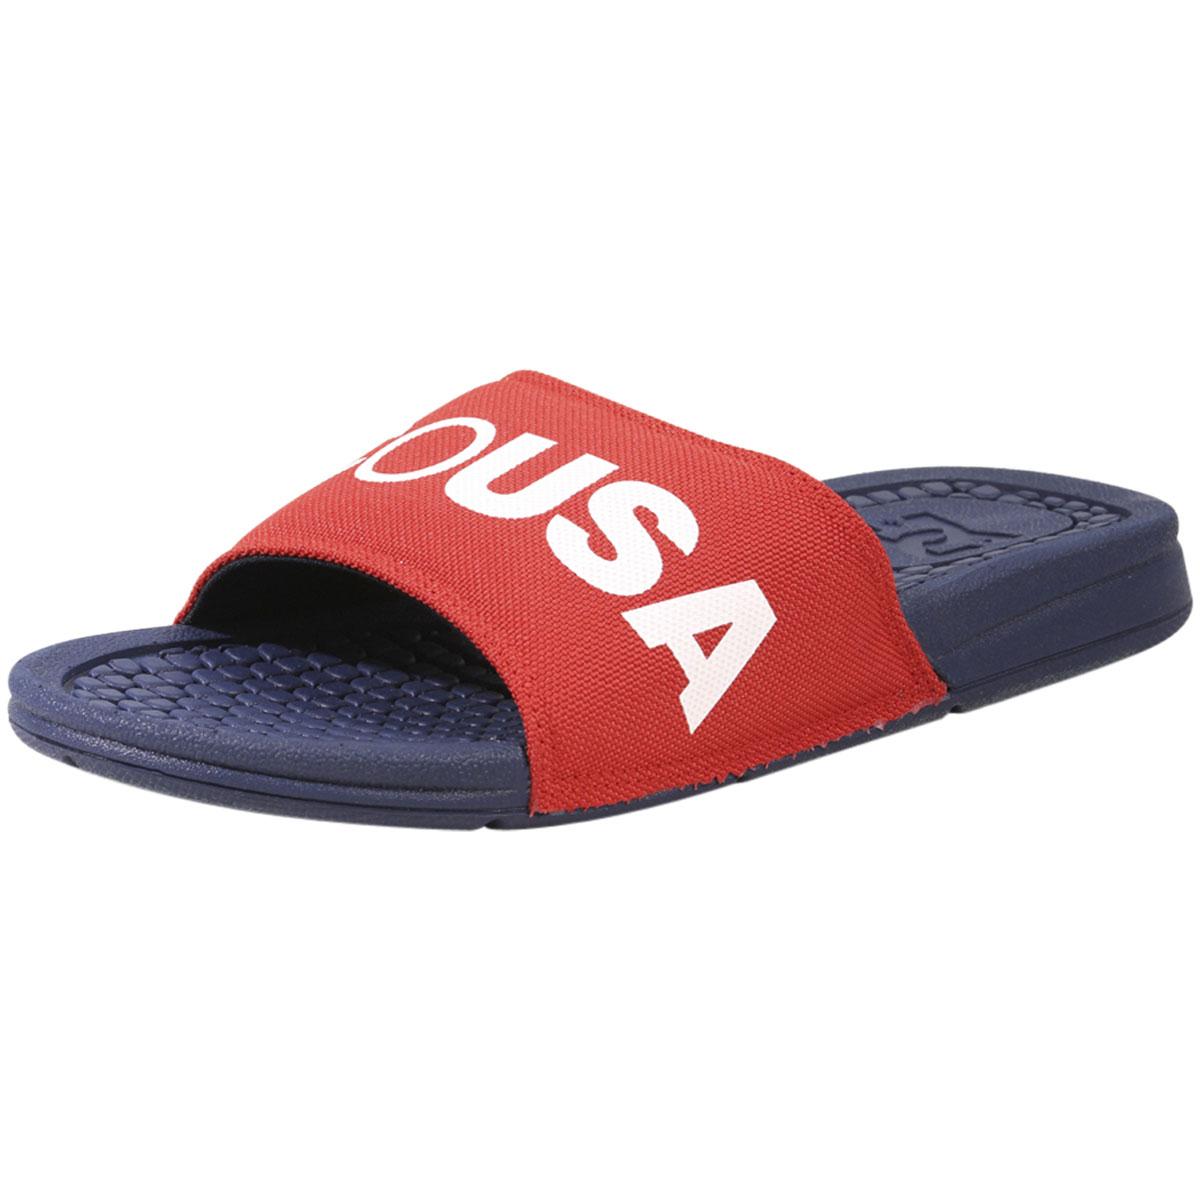 5d2749db71b3f DC Shoes Men s Bolsa-SP DC Navy Ath Red Slides Sandals Shoes Sz  12 ...